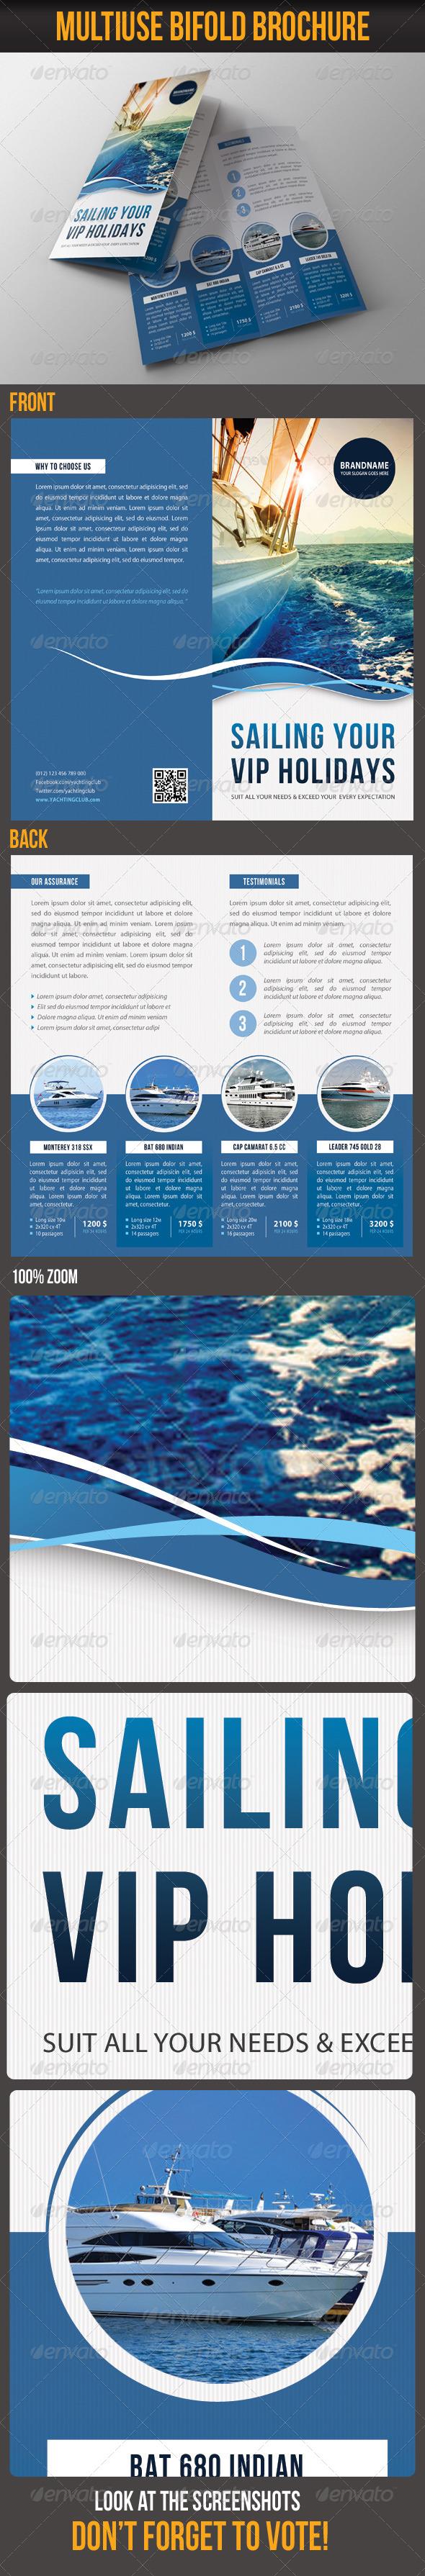 GraphicRiver Multiuse Bifold Brochure 61 8210351